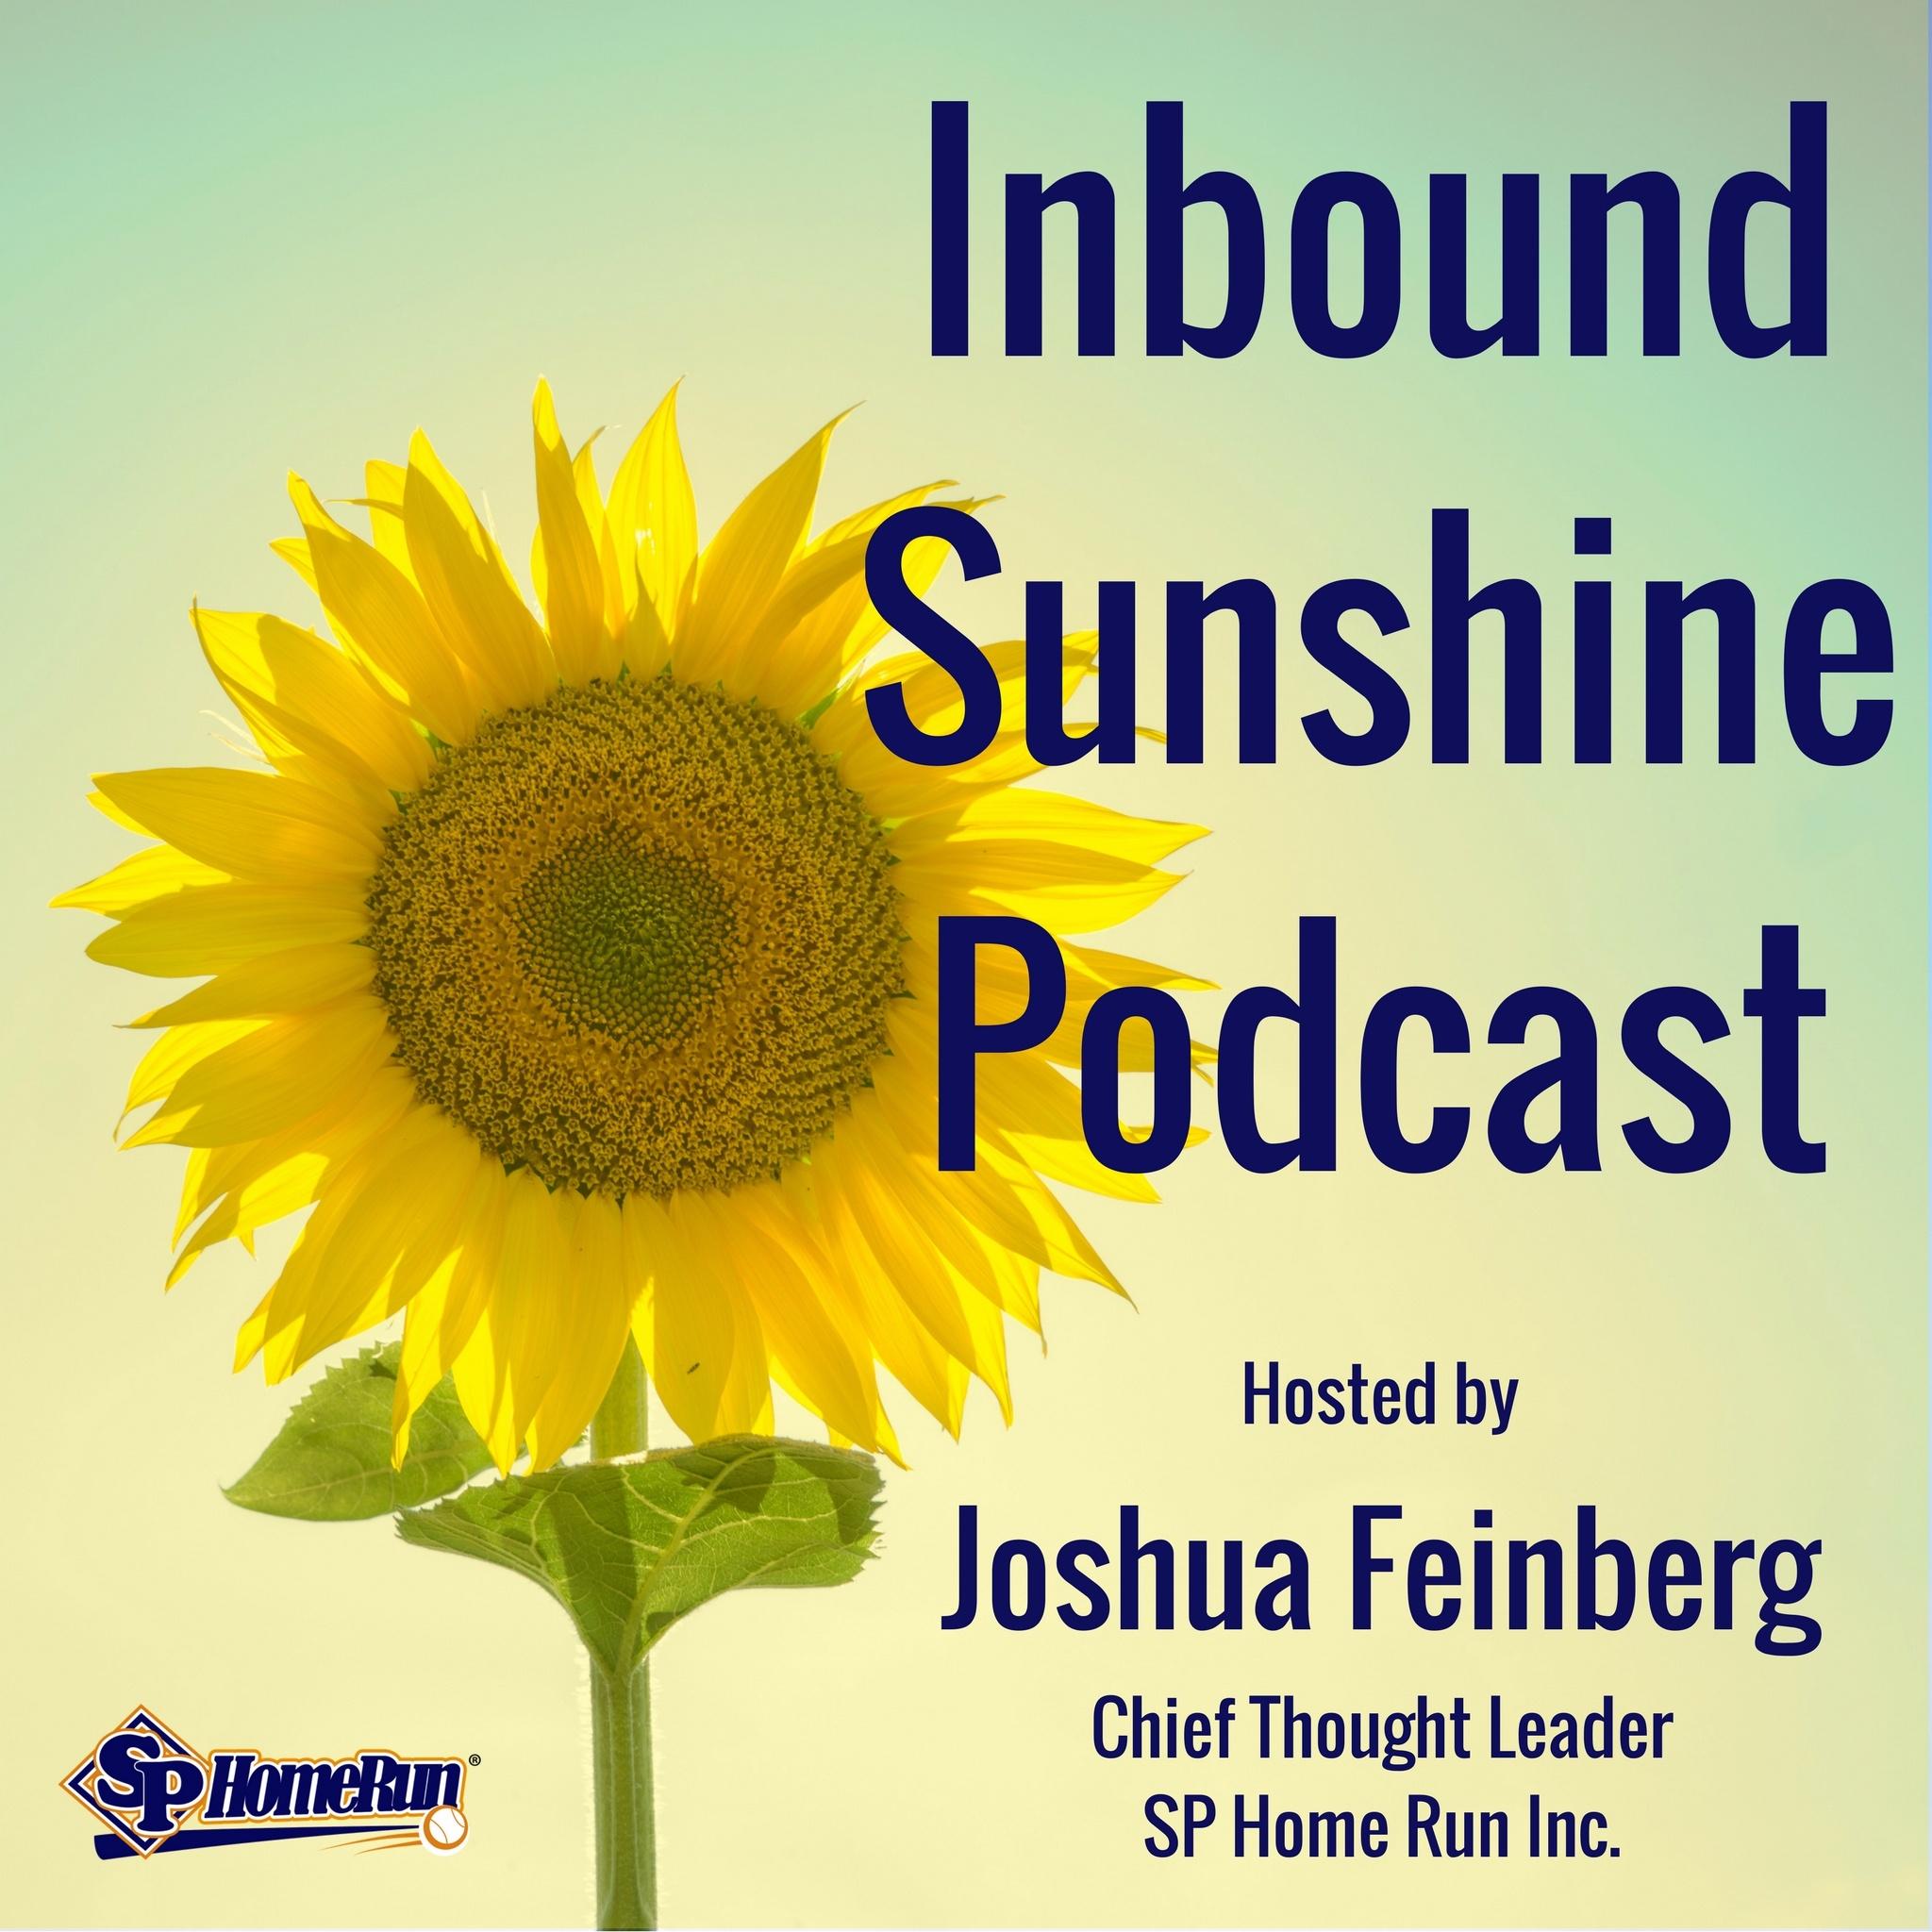 Inbound Sunshine Podcast